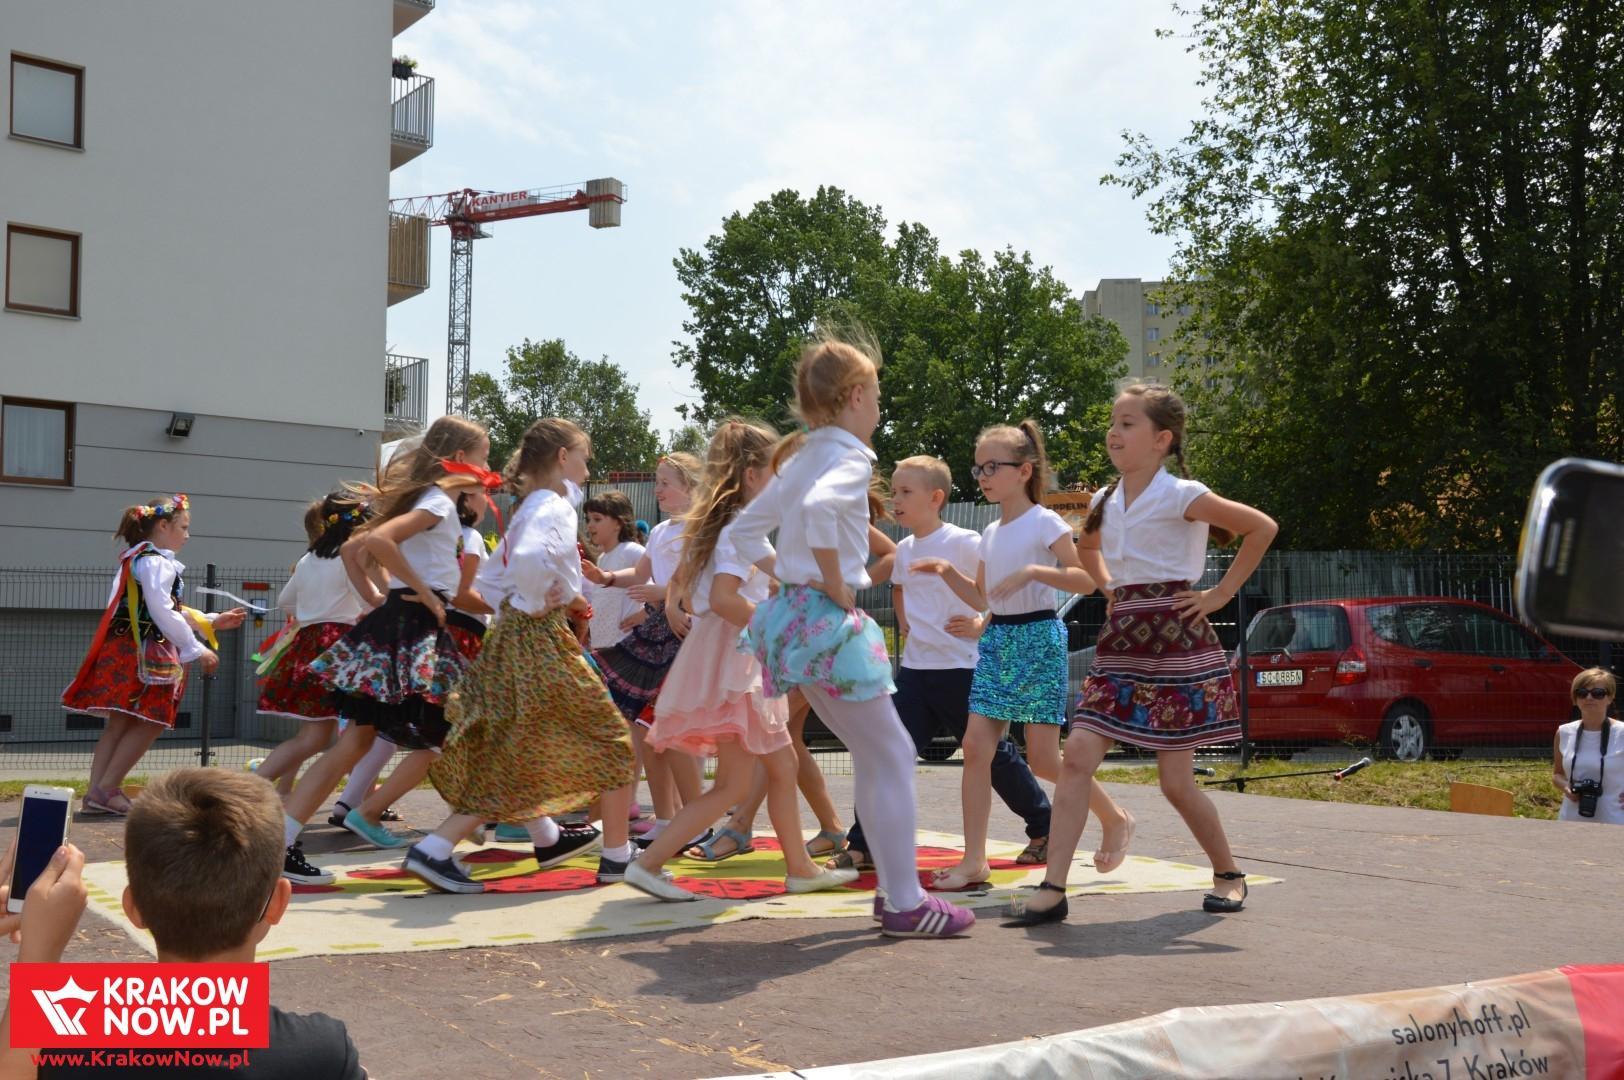 25 lat osiedla rzaka krakow festyn rodzinny 81 150x150 - 25 lat Osiedla Rżąka - galeria zdjęć z festynu